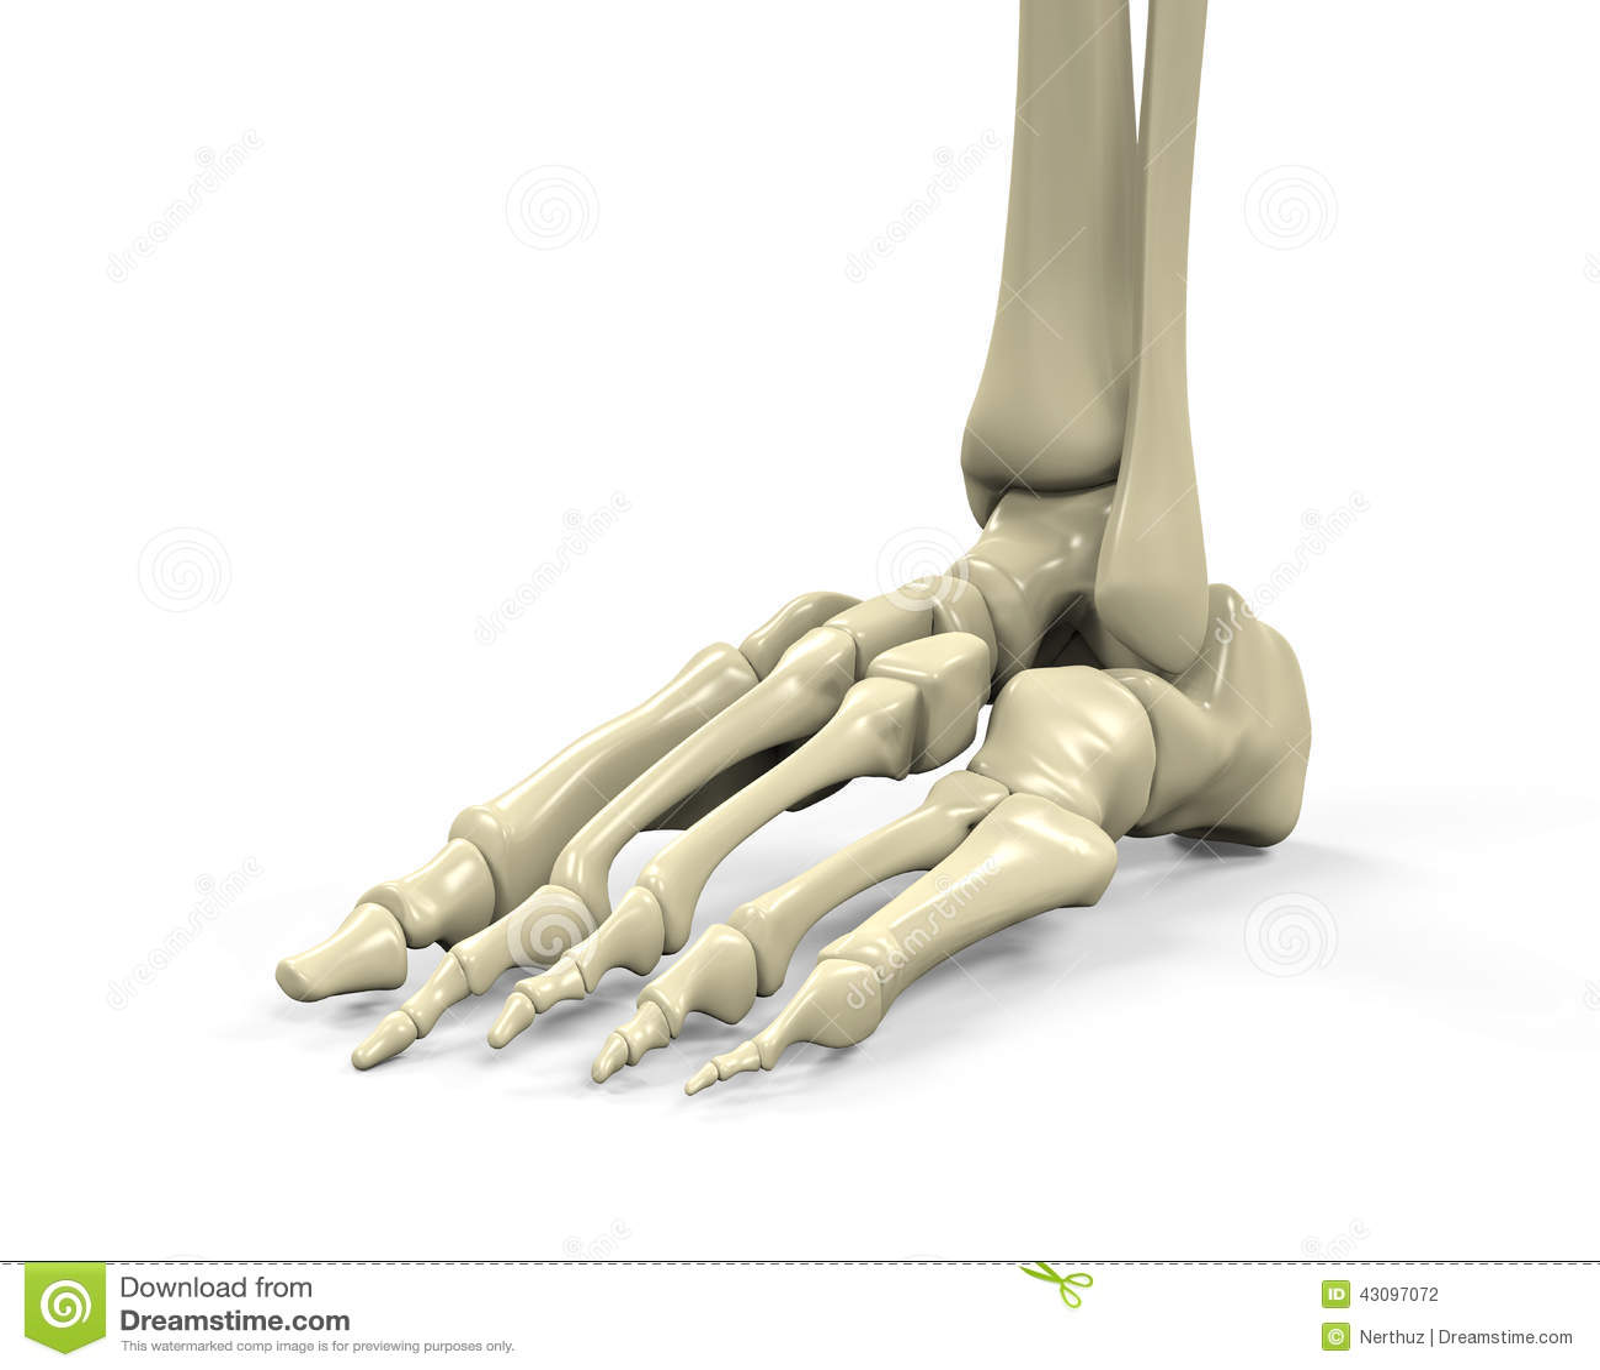 De Anatomie Van Het Voetskelet Stock Illustratie - Illustratie ...